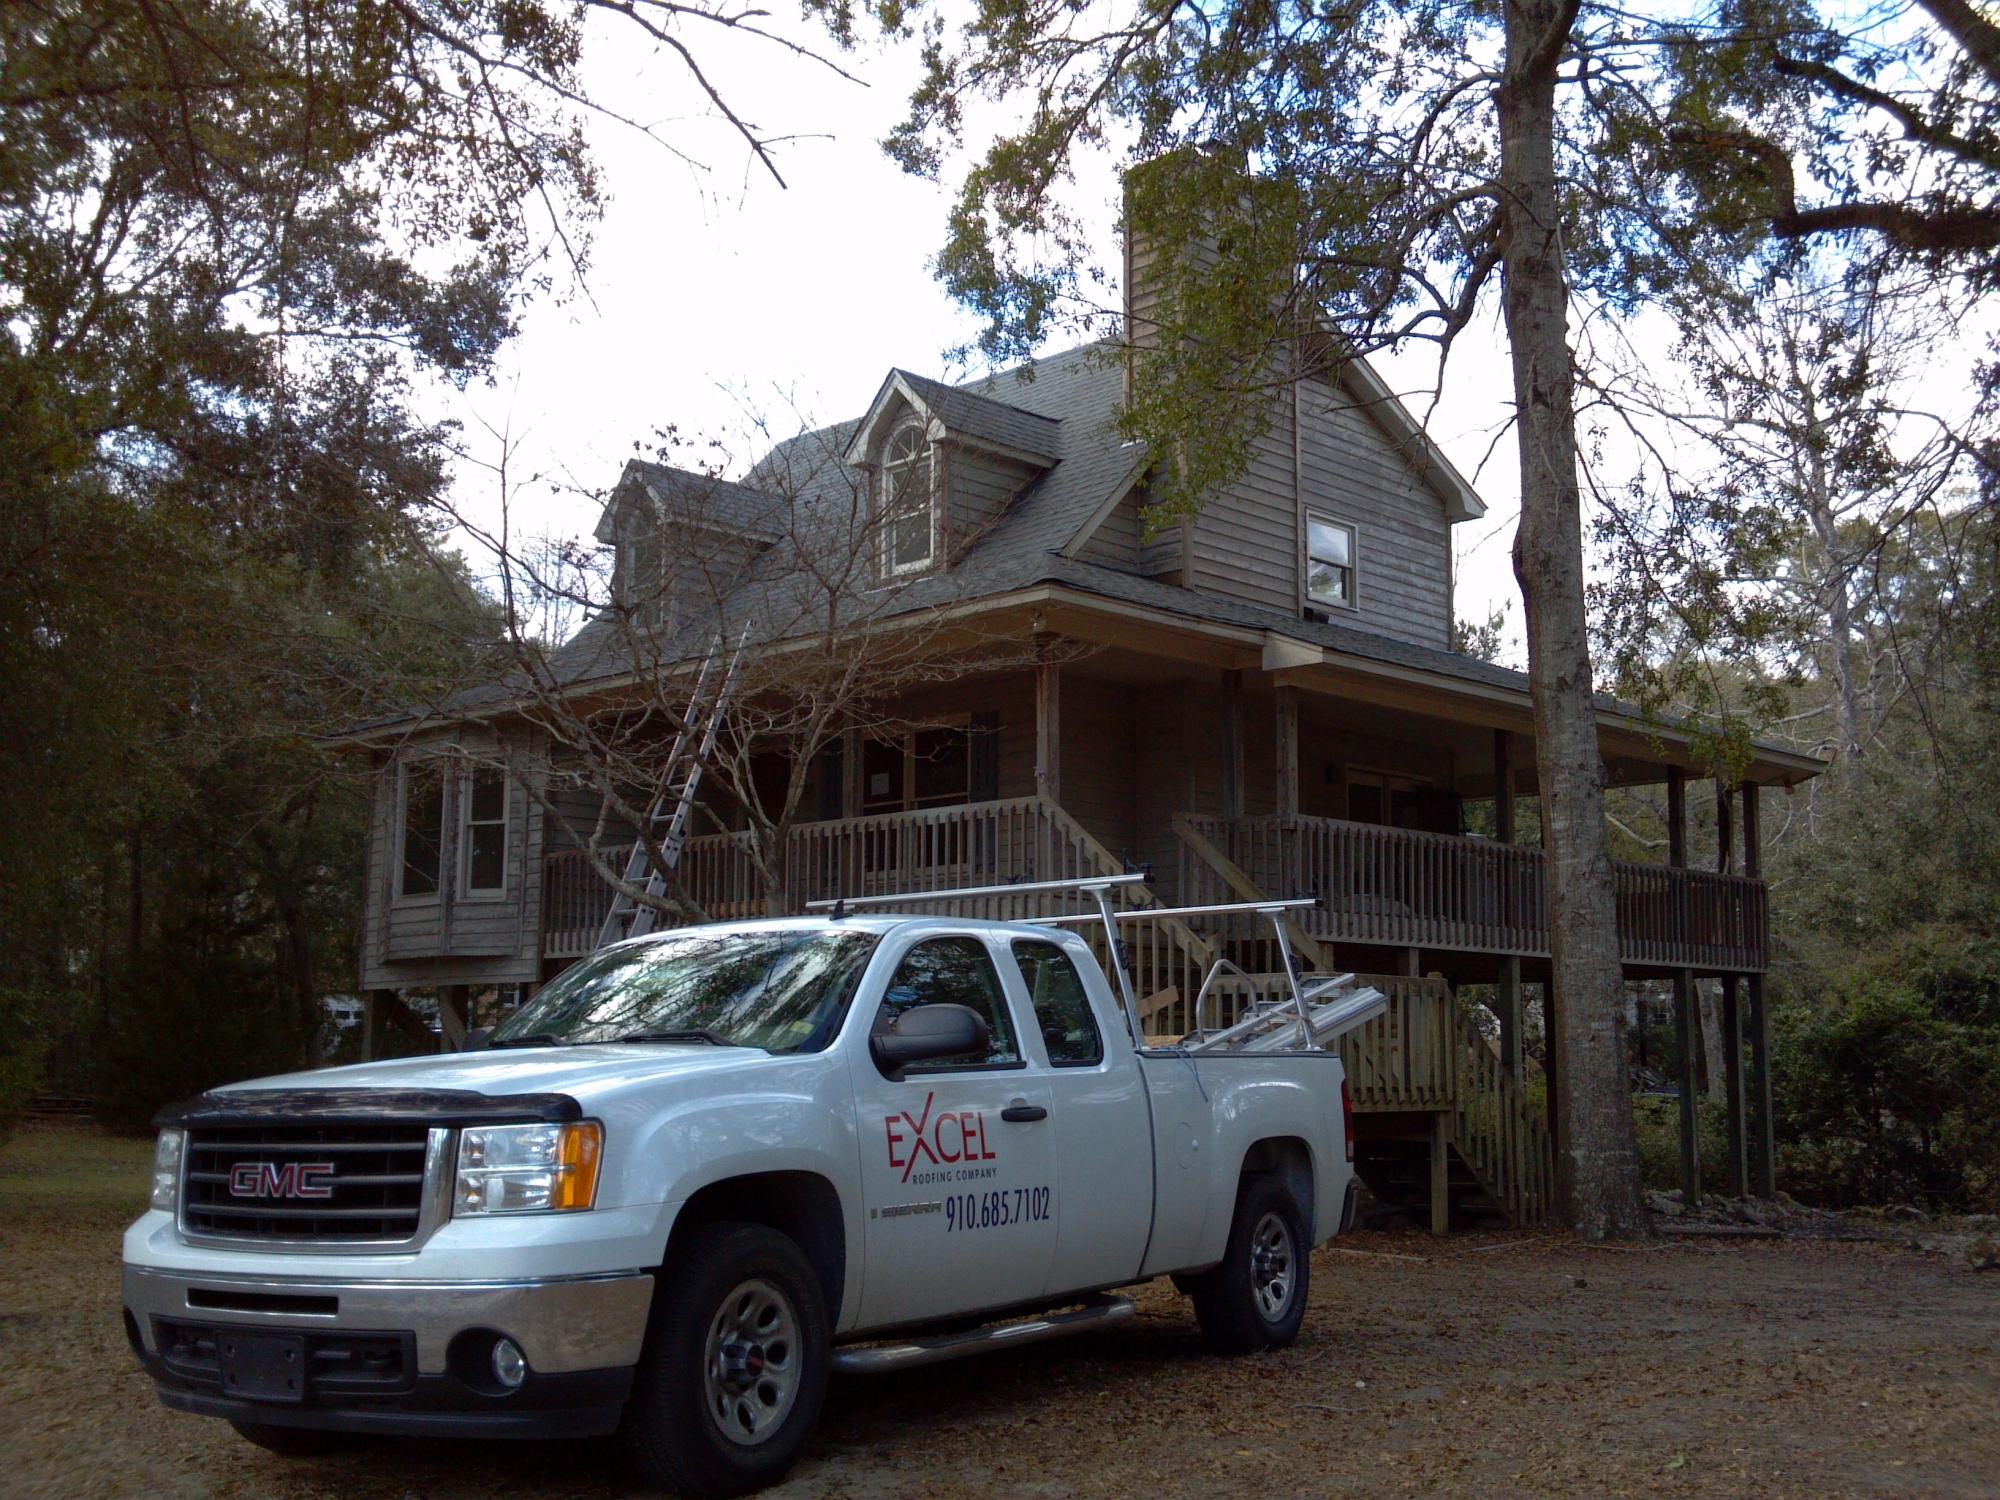 Excel Roofing Truck Wilmington, NC